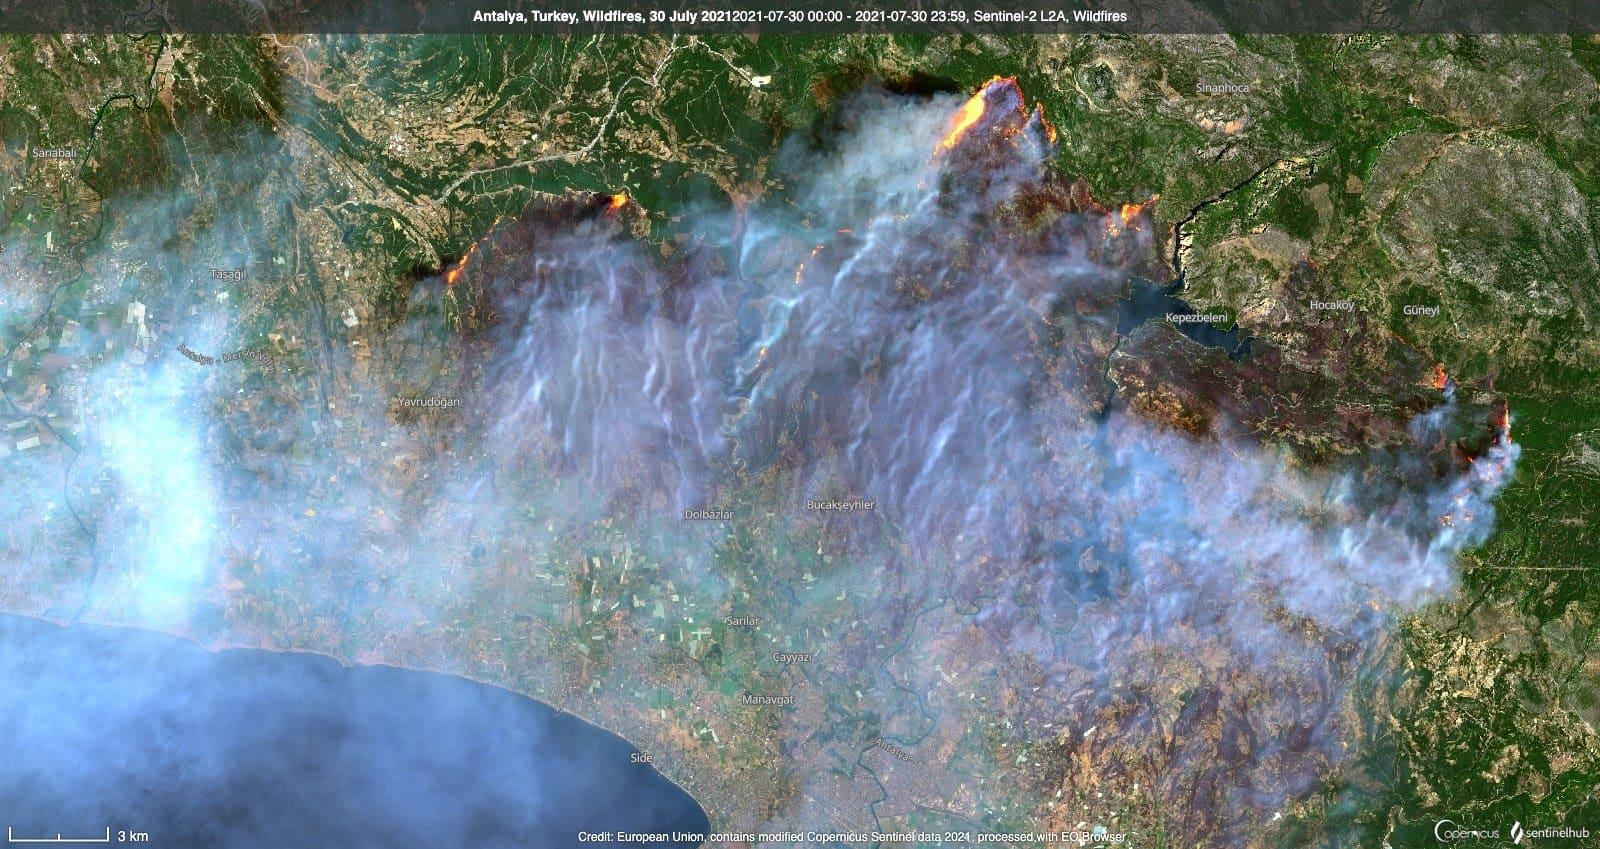 Yangınları açık kaynaklardan nasıl takip edebiliriz?